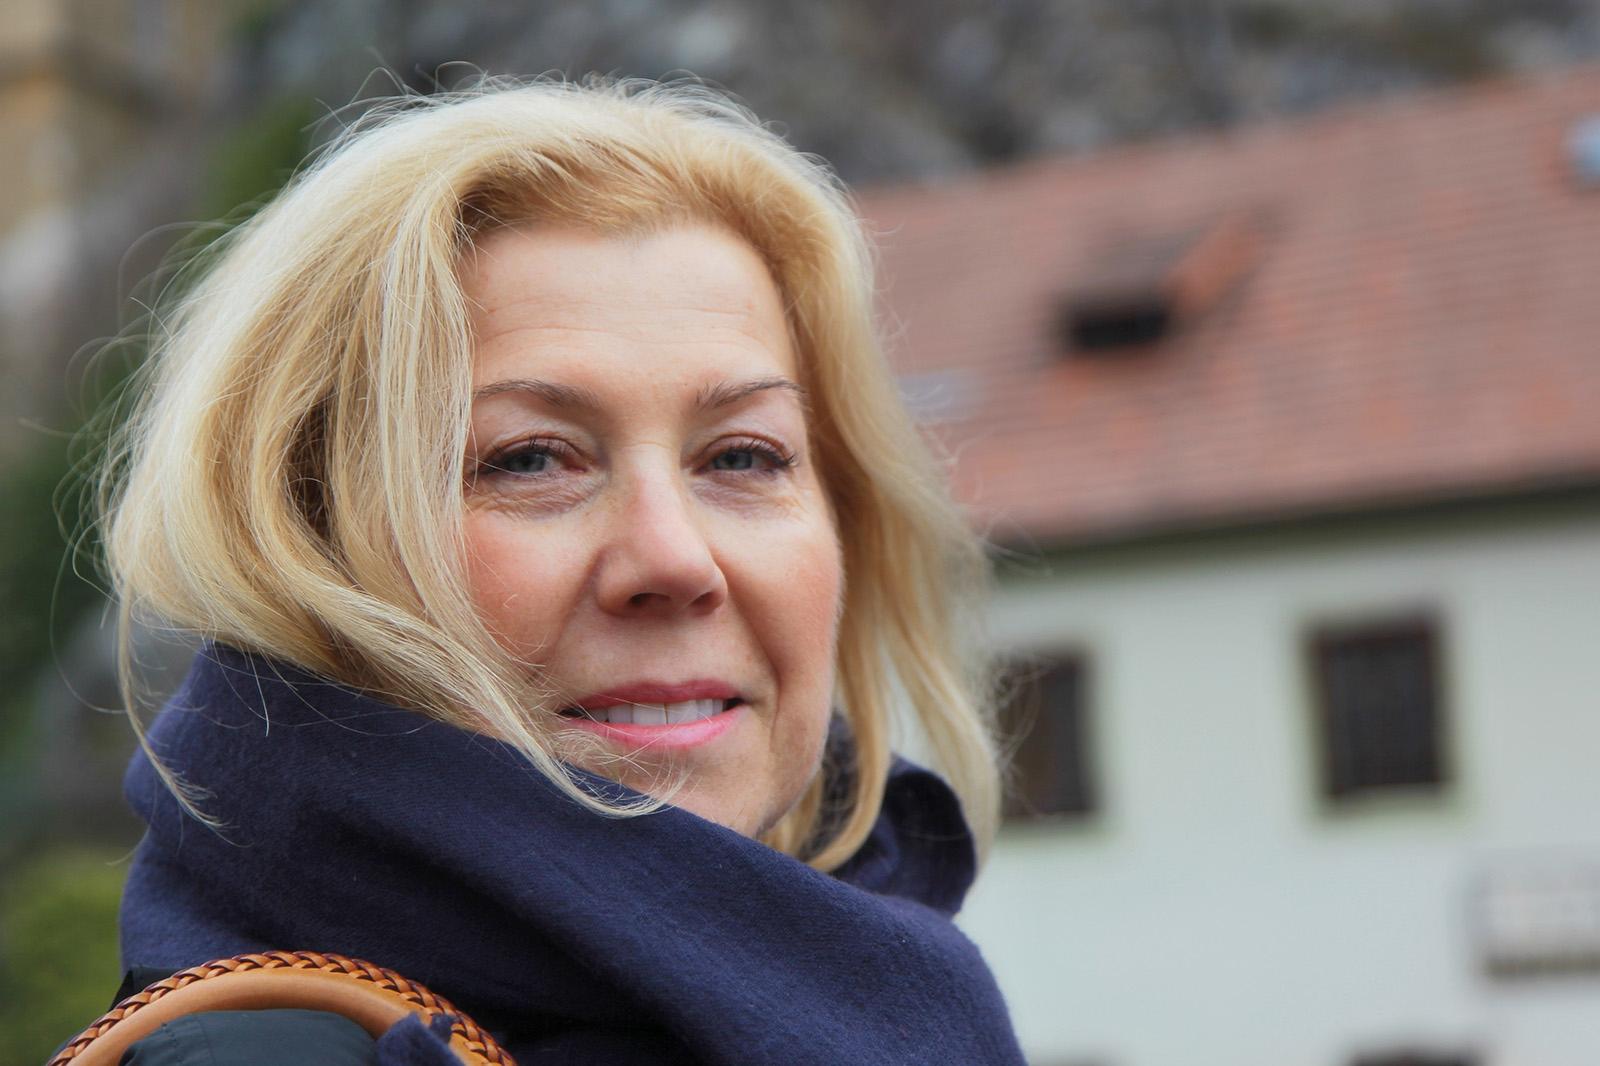 Fotky z Českého Krumlova, kde jsem natáčela pro TV sérii Kouzelné bylinky